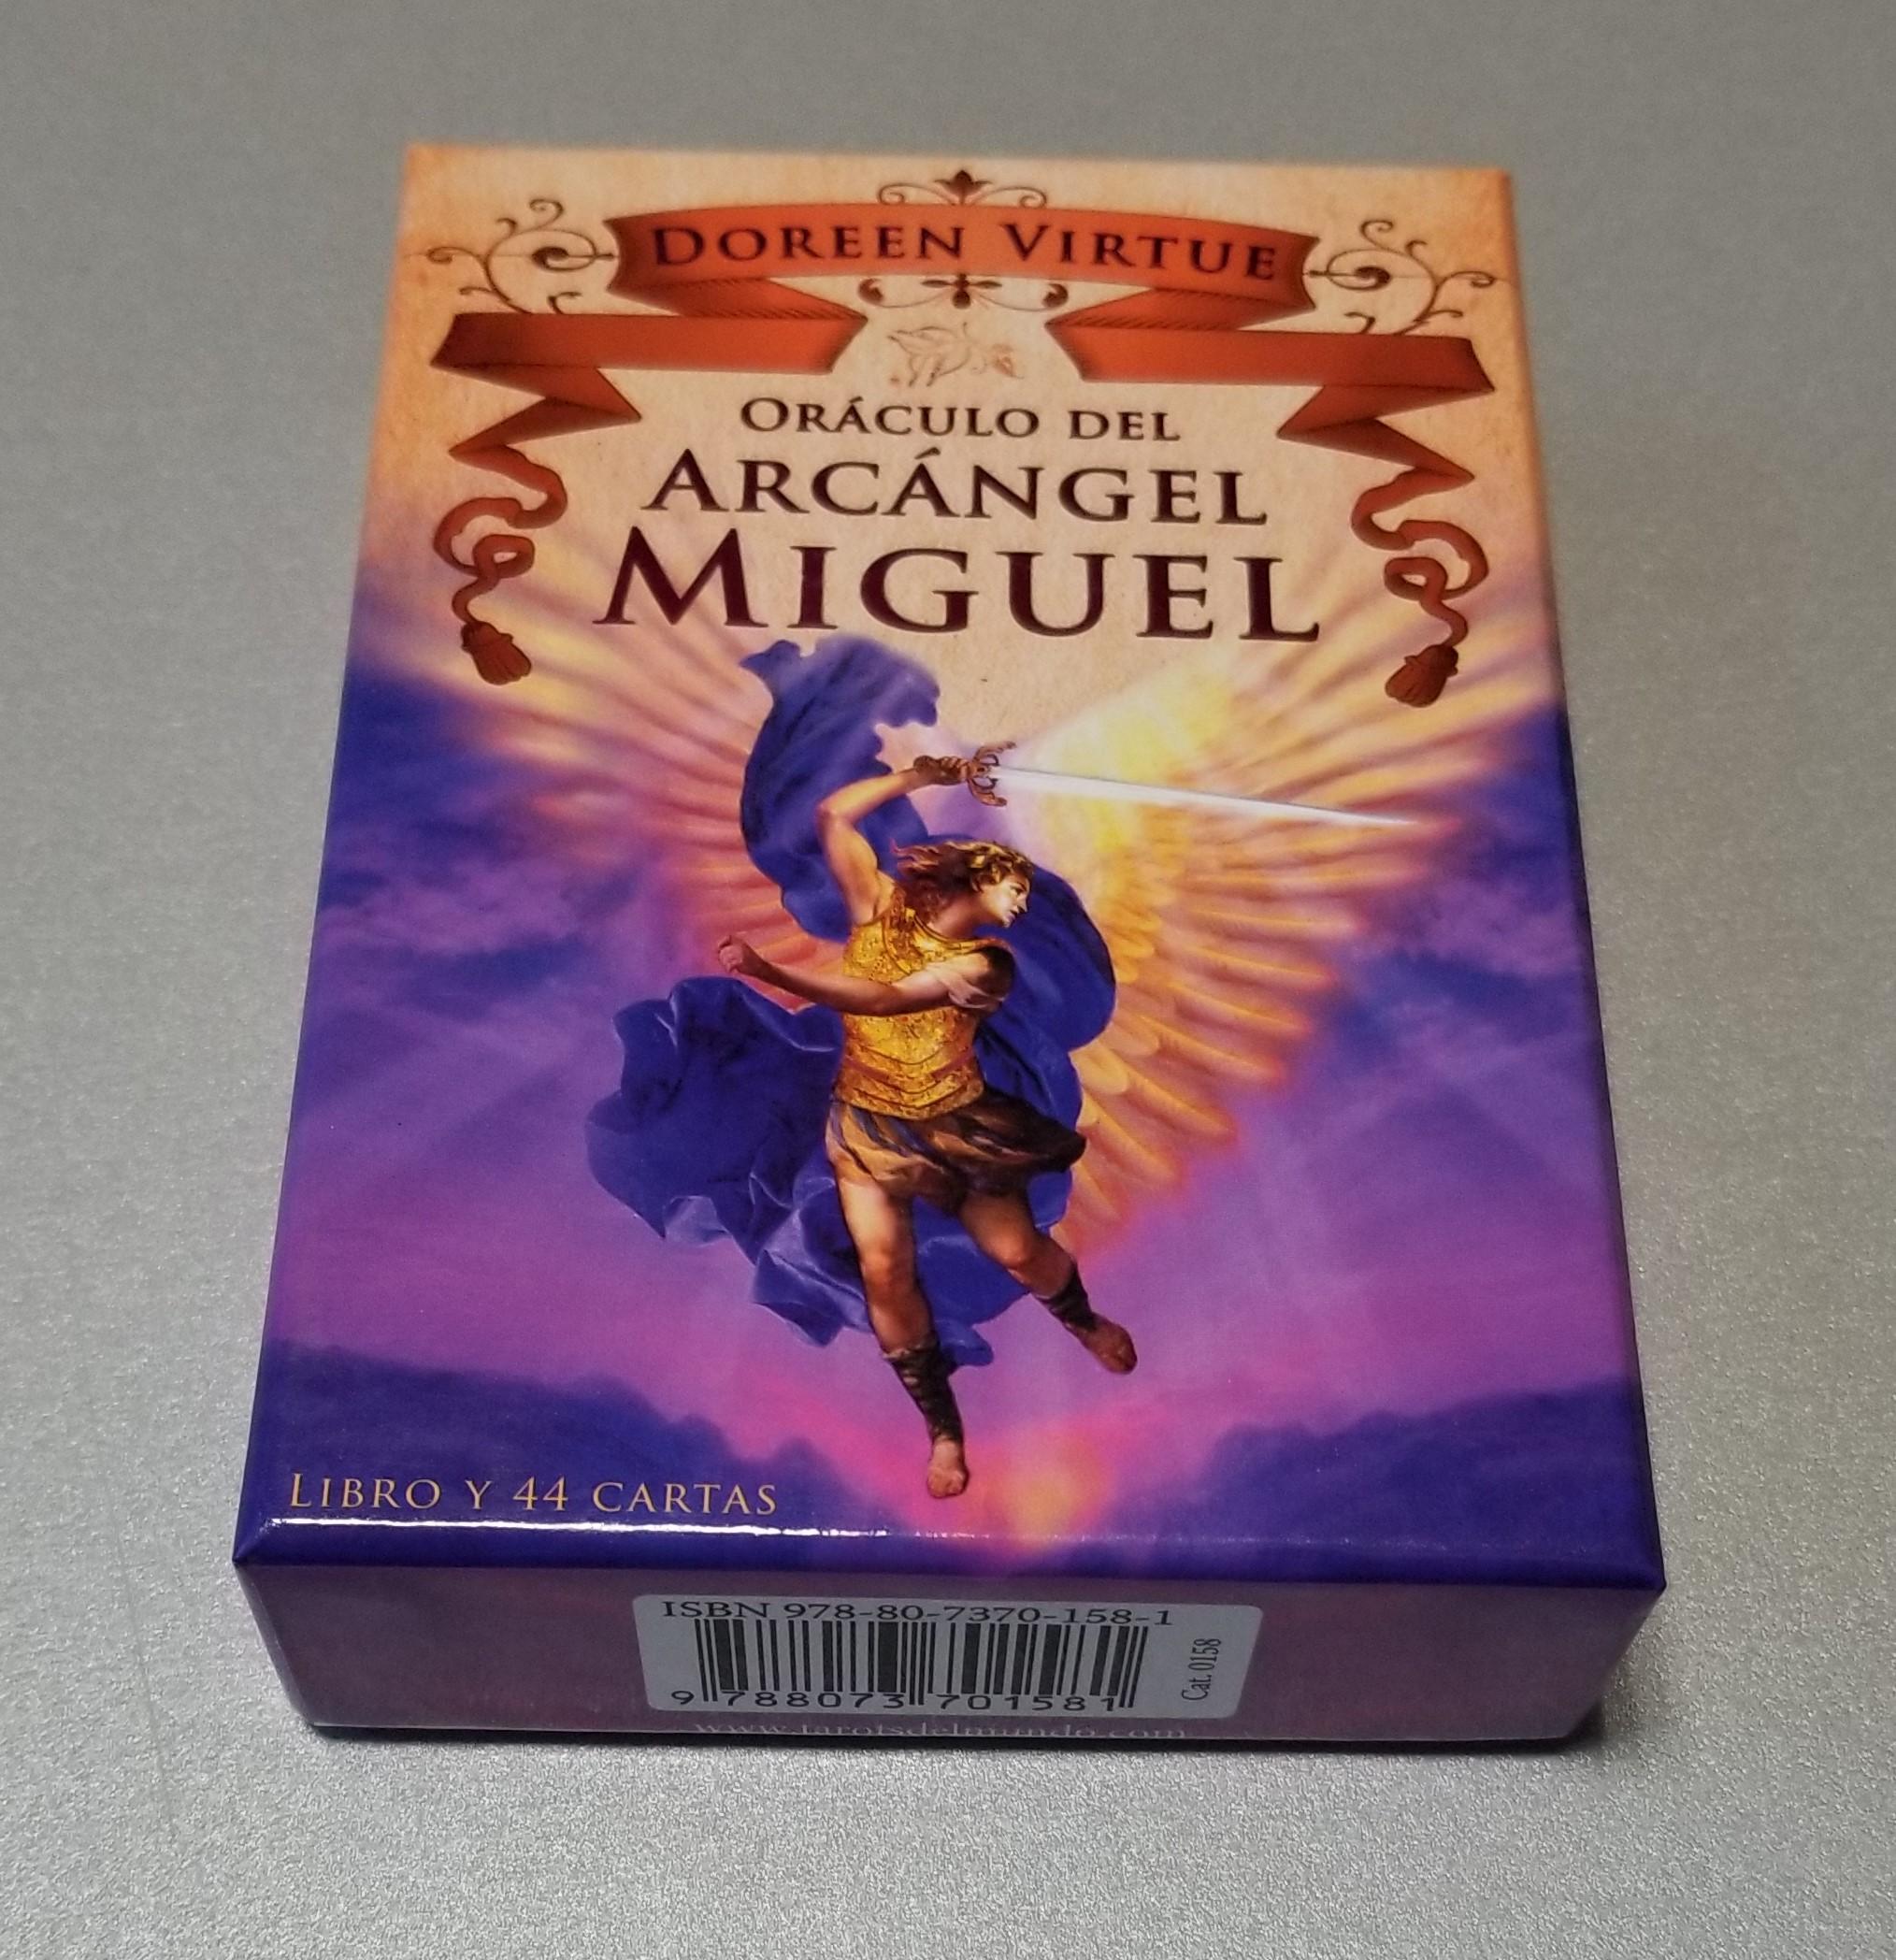 ORACULO DEL ARCANGEL MIGUEL